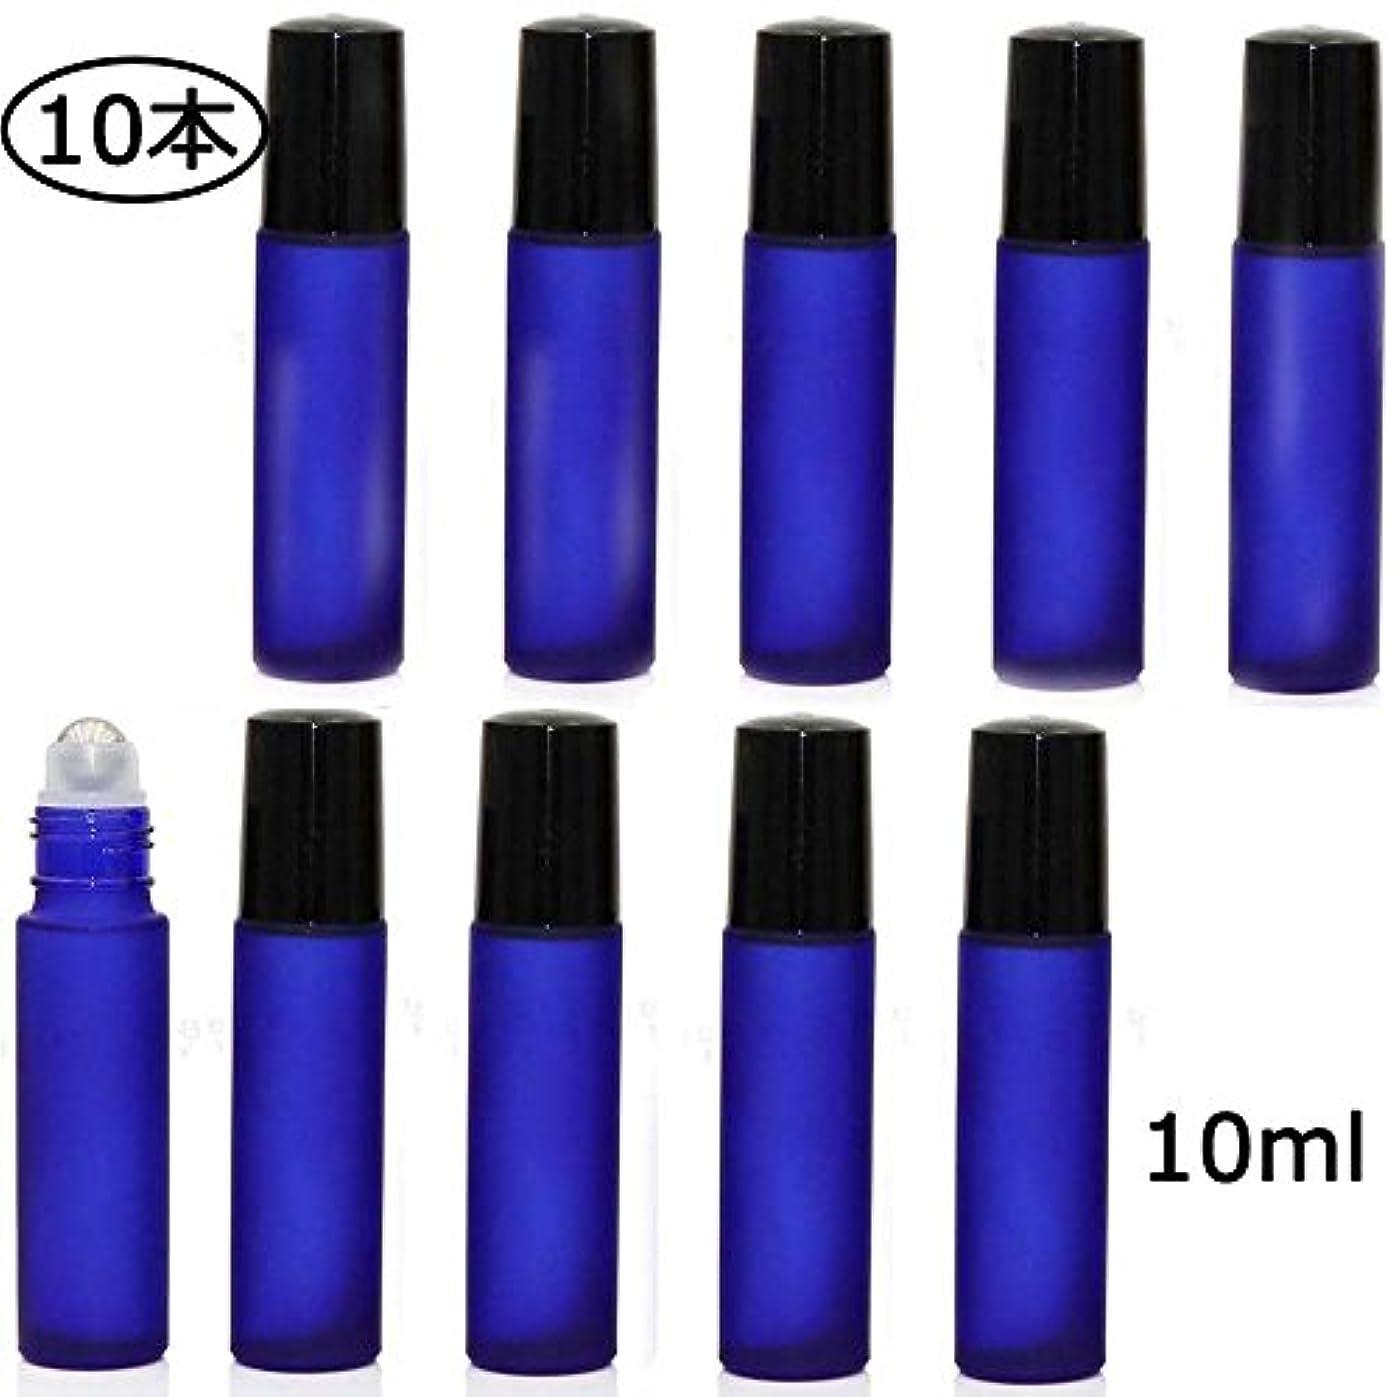 フォルダ反抗根拠ロールオンボトル アロマオイル 精油 小分け用 遮光瓶 10ml 10本セット ガラスロールタイプ (ブルー)